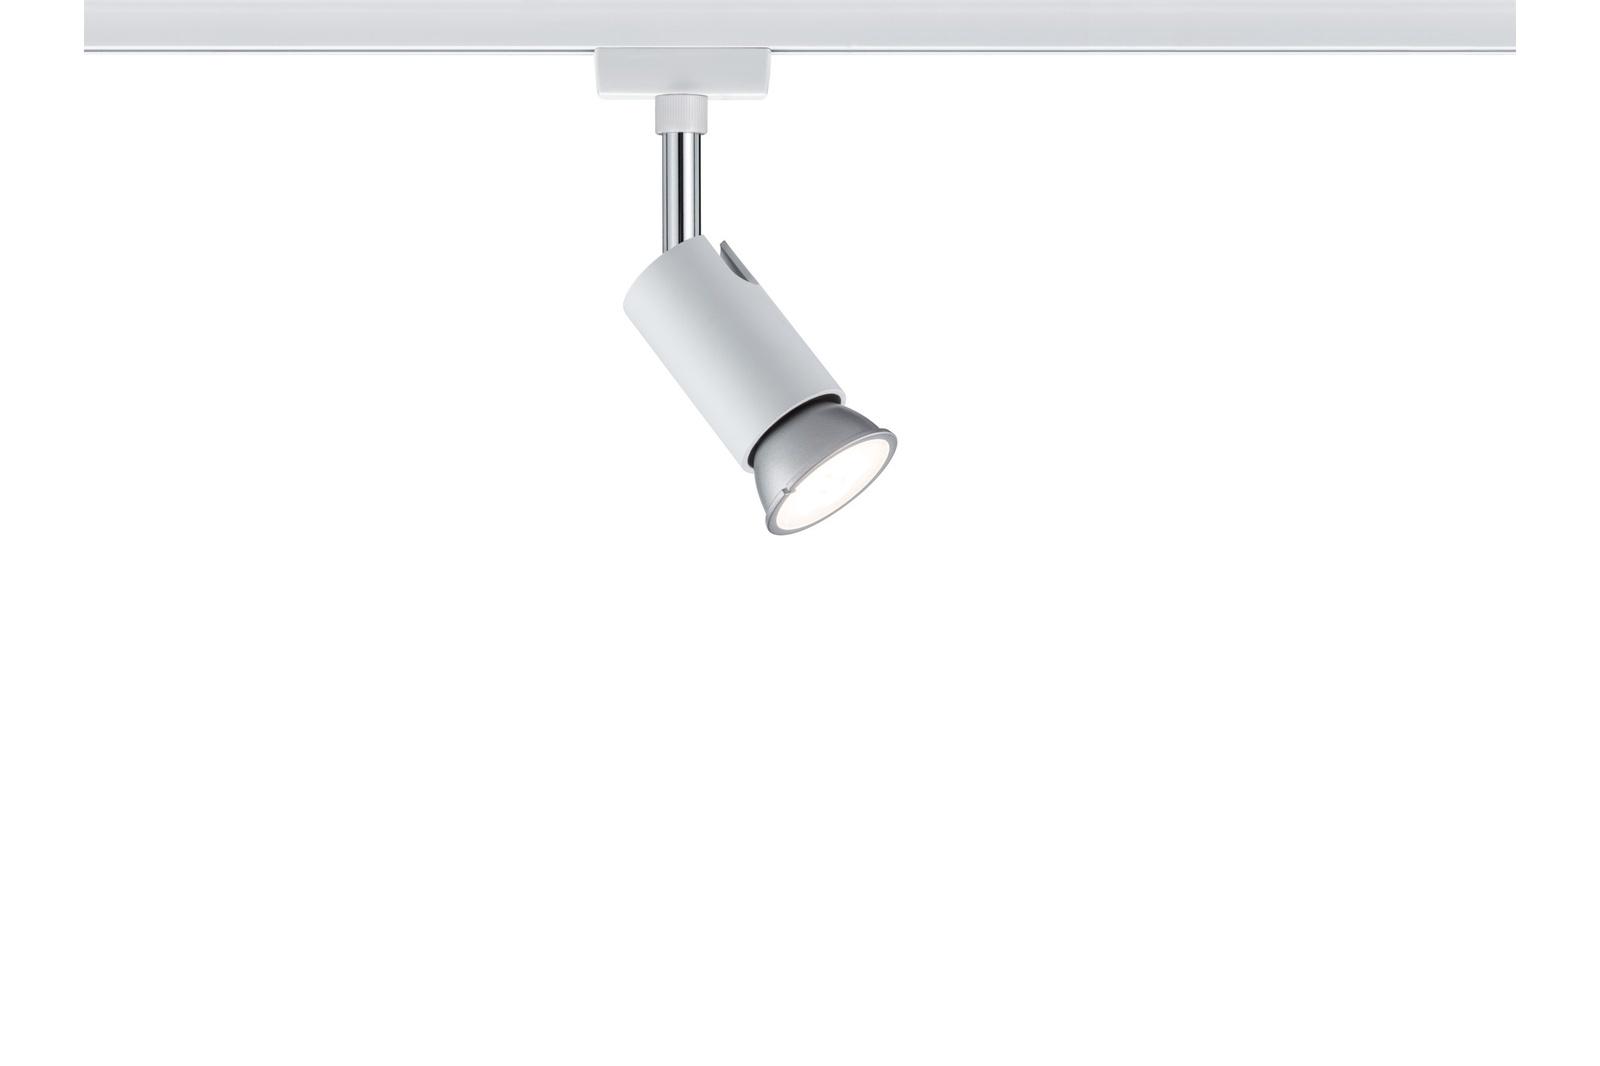 Светильник для трековой системы URail Spot Pure I max 1x10W GU10, белый